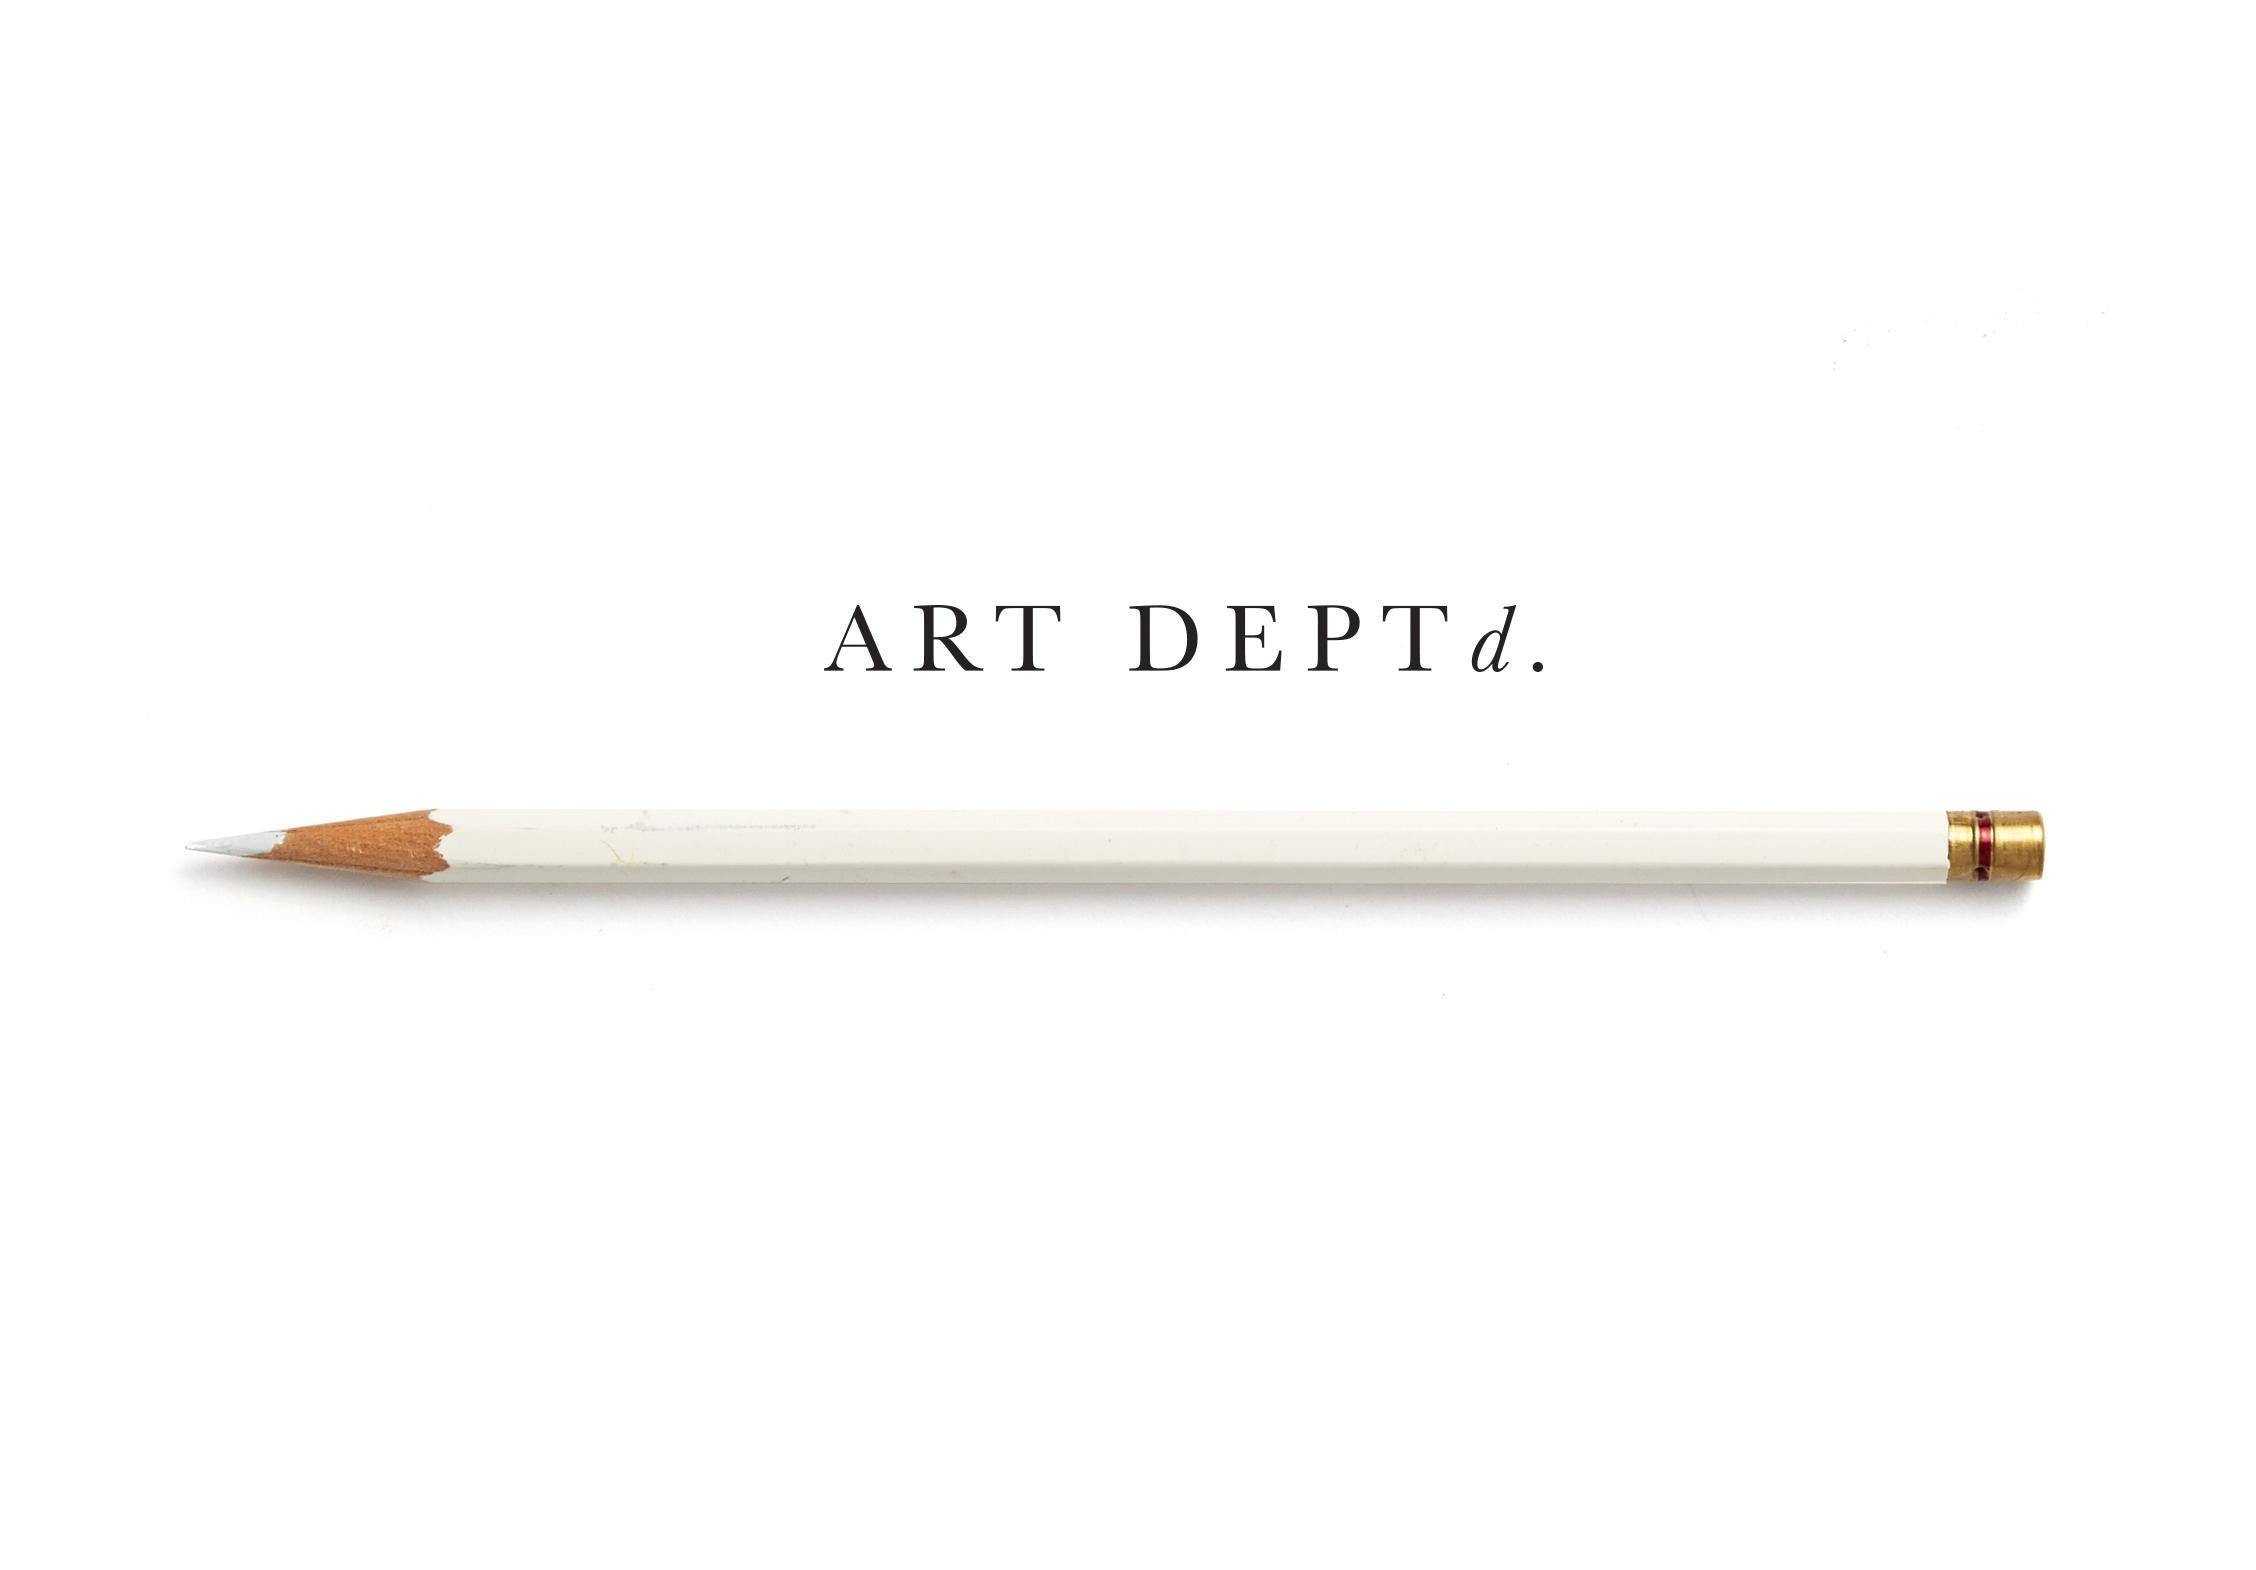 Art Departd.